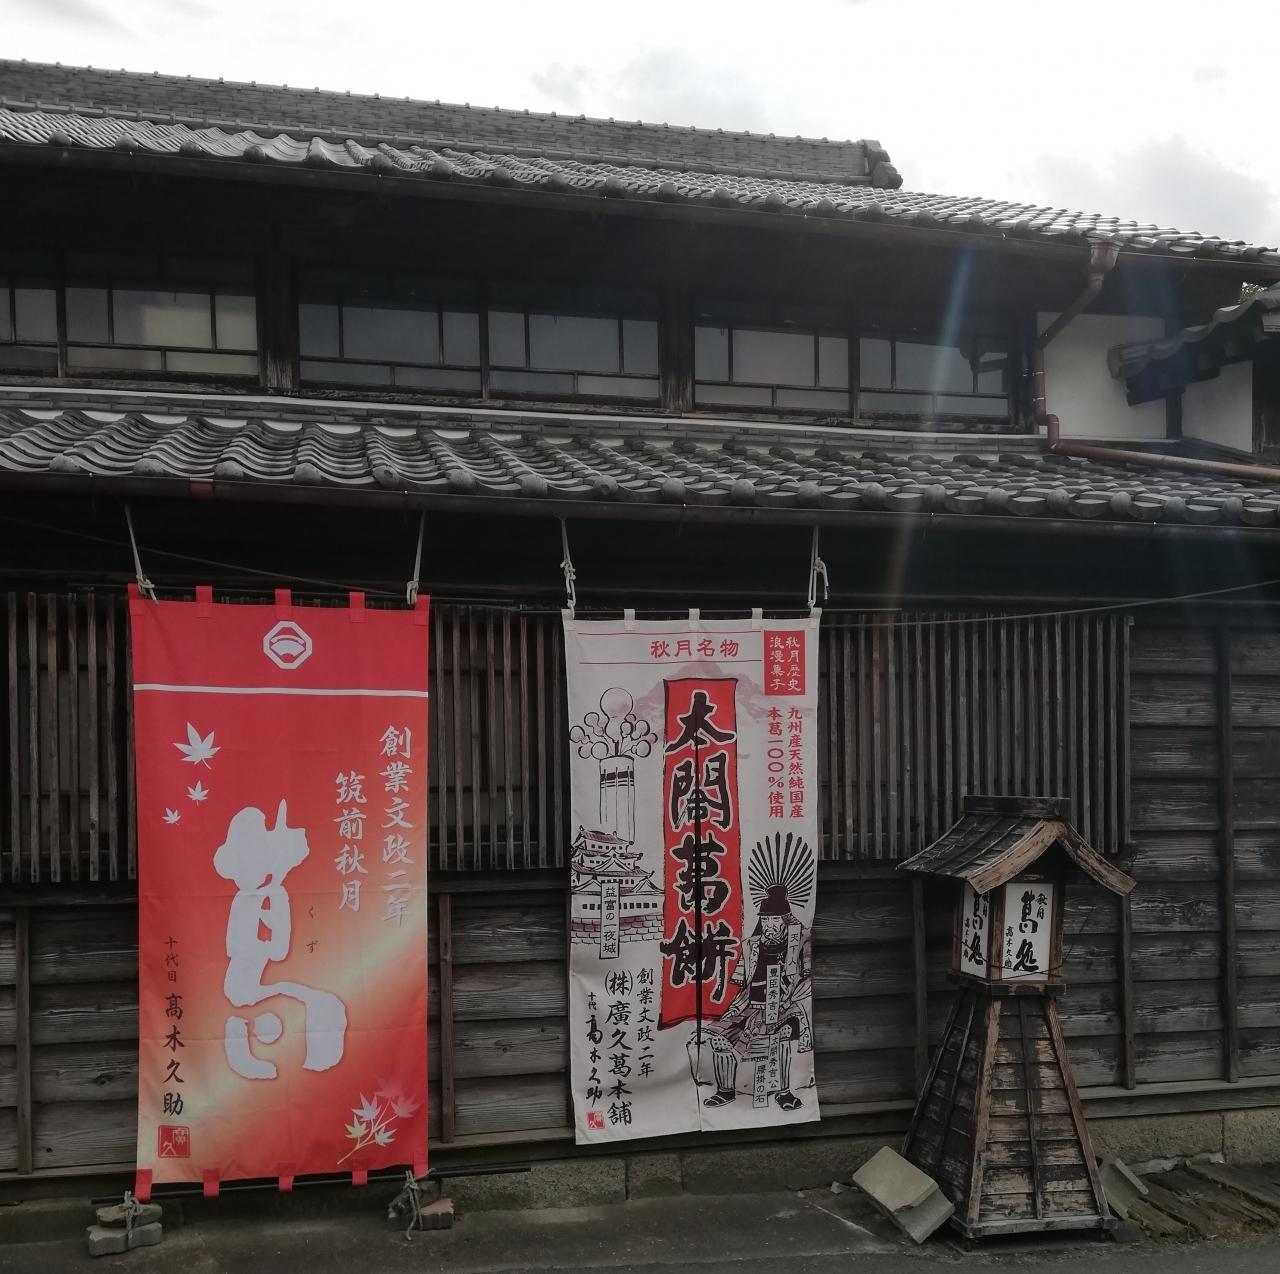 廣久葛本舗  一子相伝の伝統的製法にこだわり久助本葛を継承しているという。